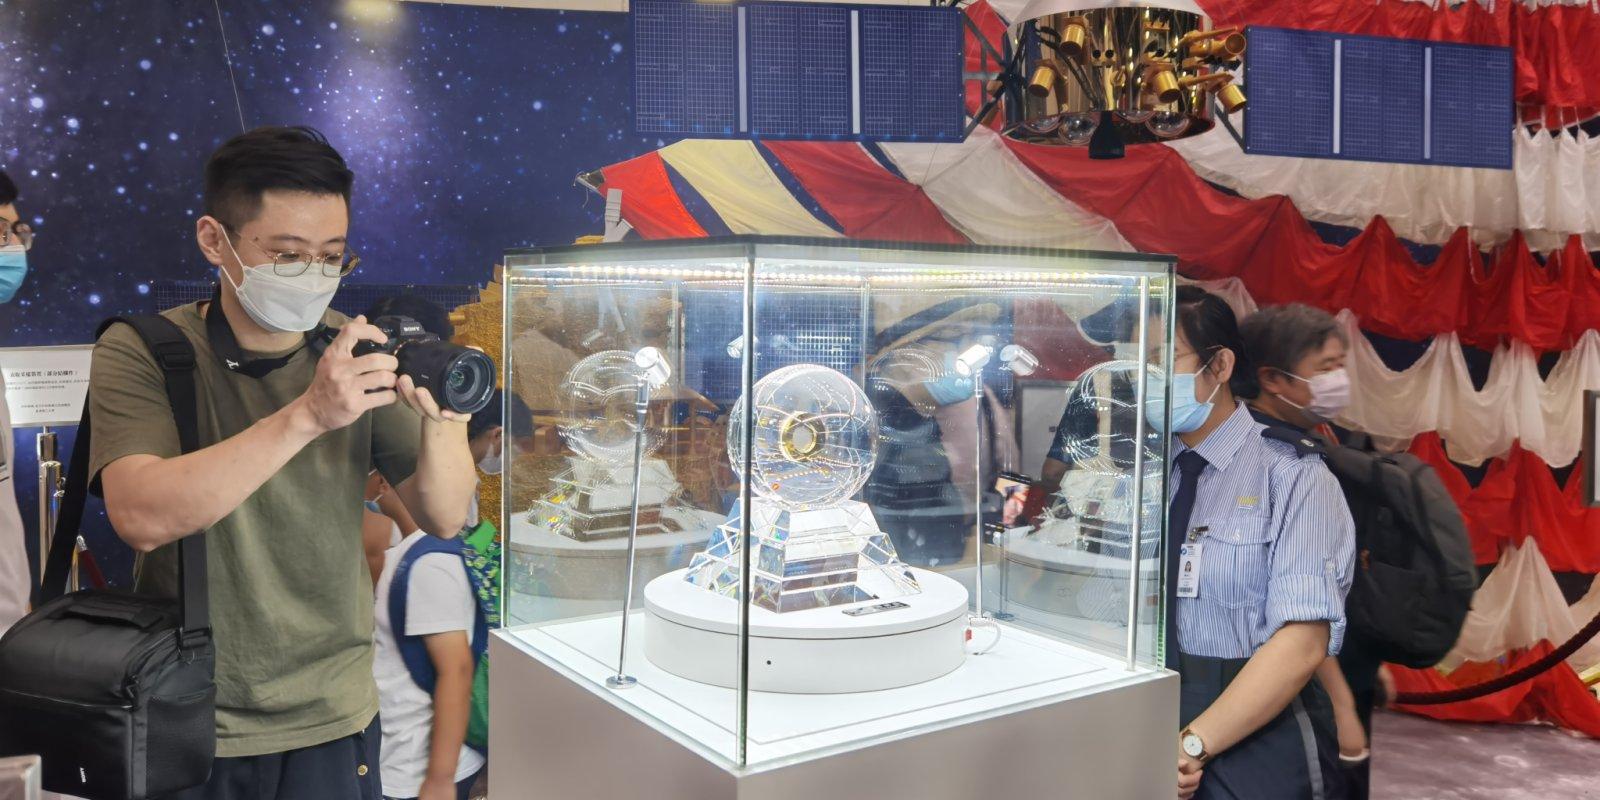 圖集 市民最後一日觀月壤 了解中國航天科技成就